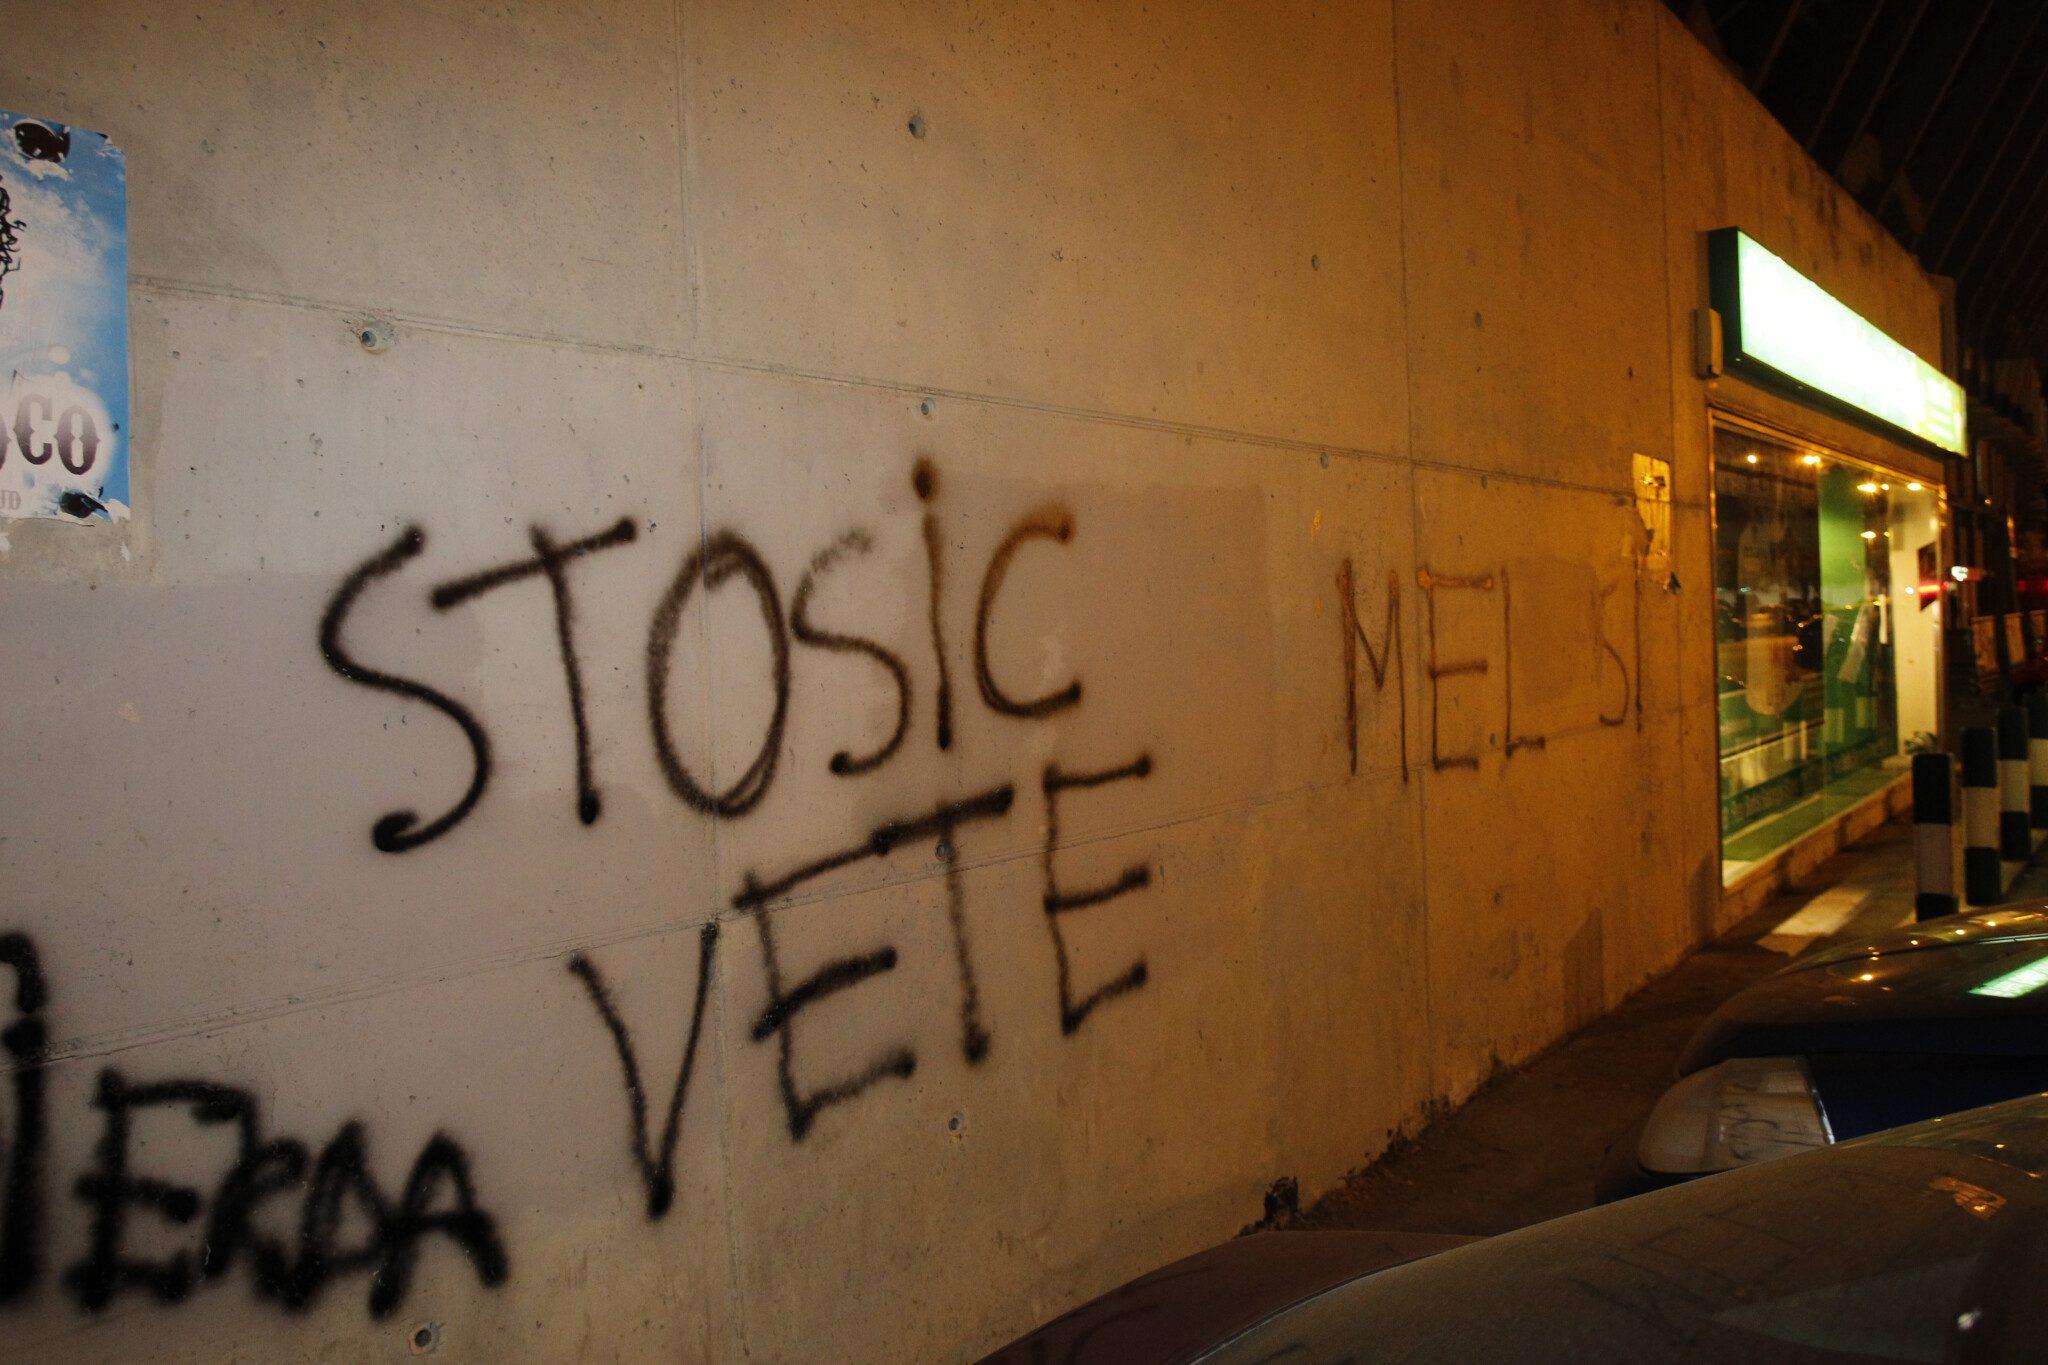 Como las pintadas demandaban, Stosic fue cesado de su cargo/ Ramón Navarro